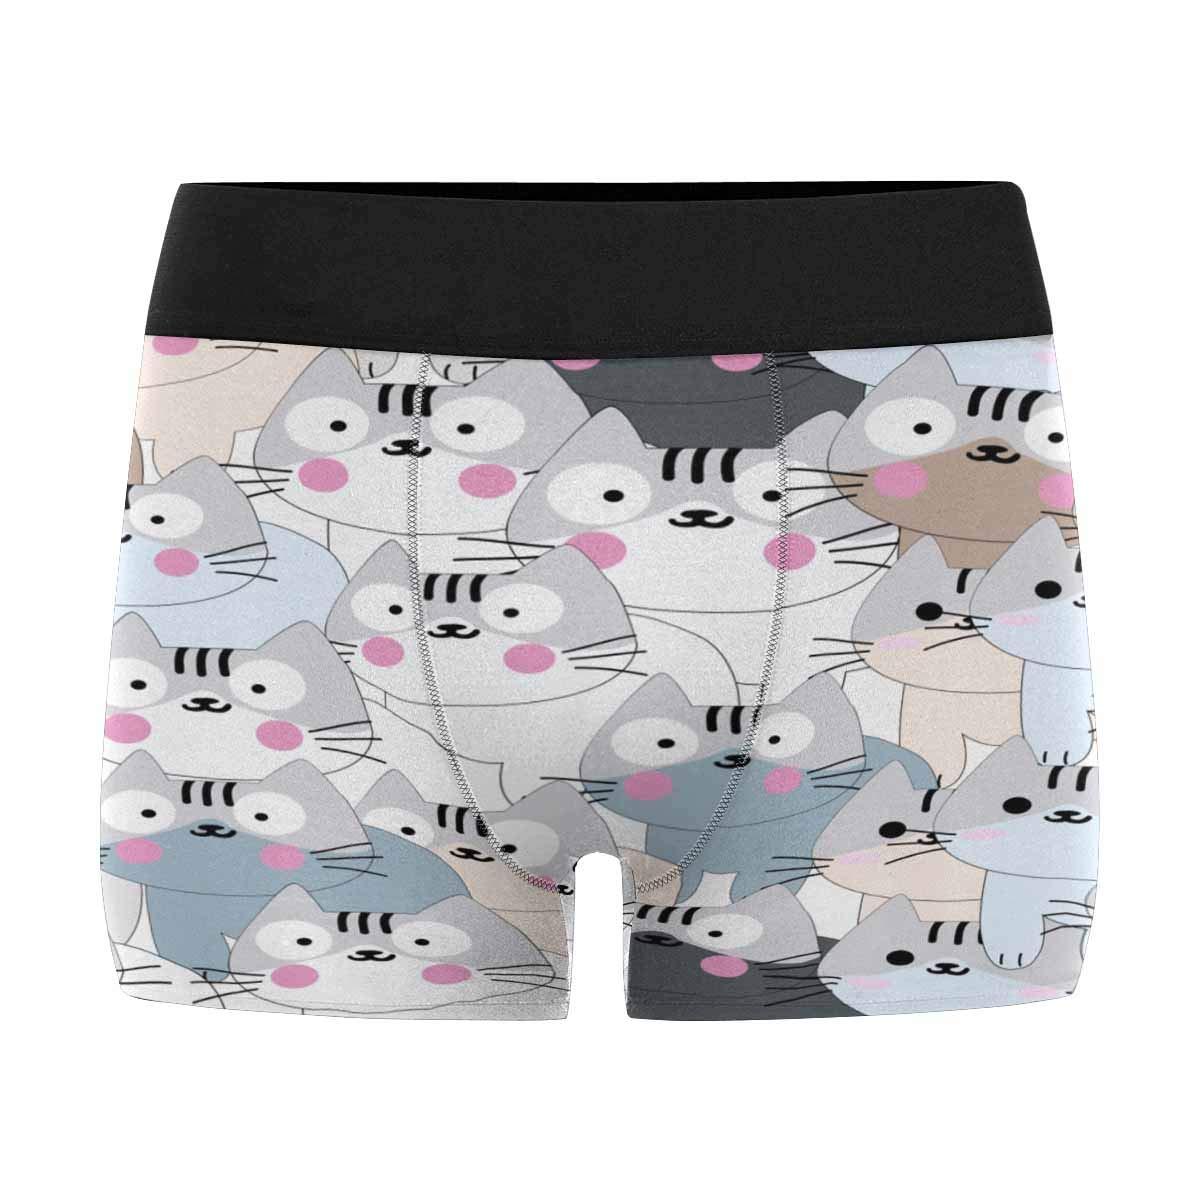 INTERESTPRINT Mens Boxer Briefs Underwear XS-3XL